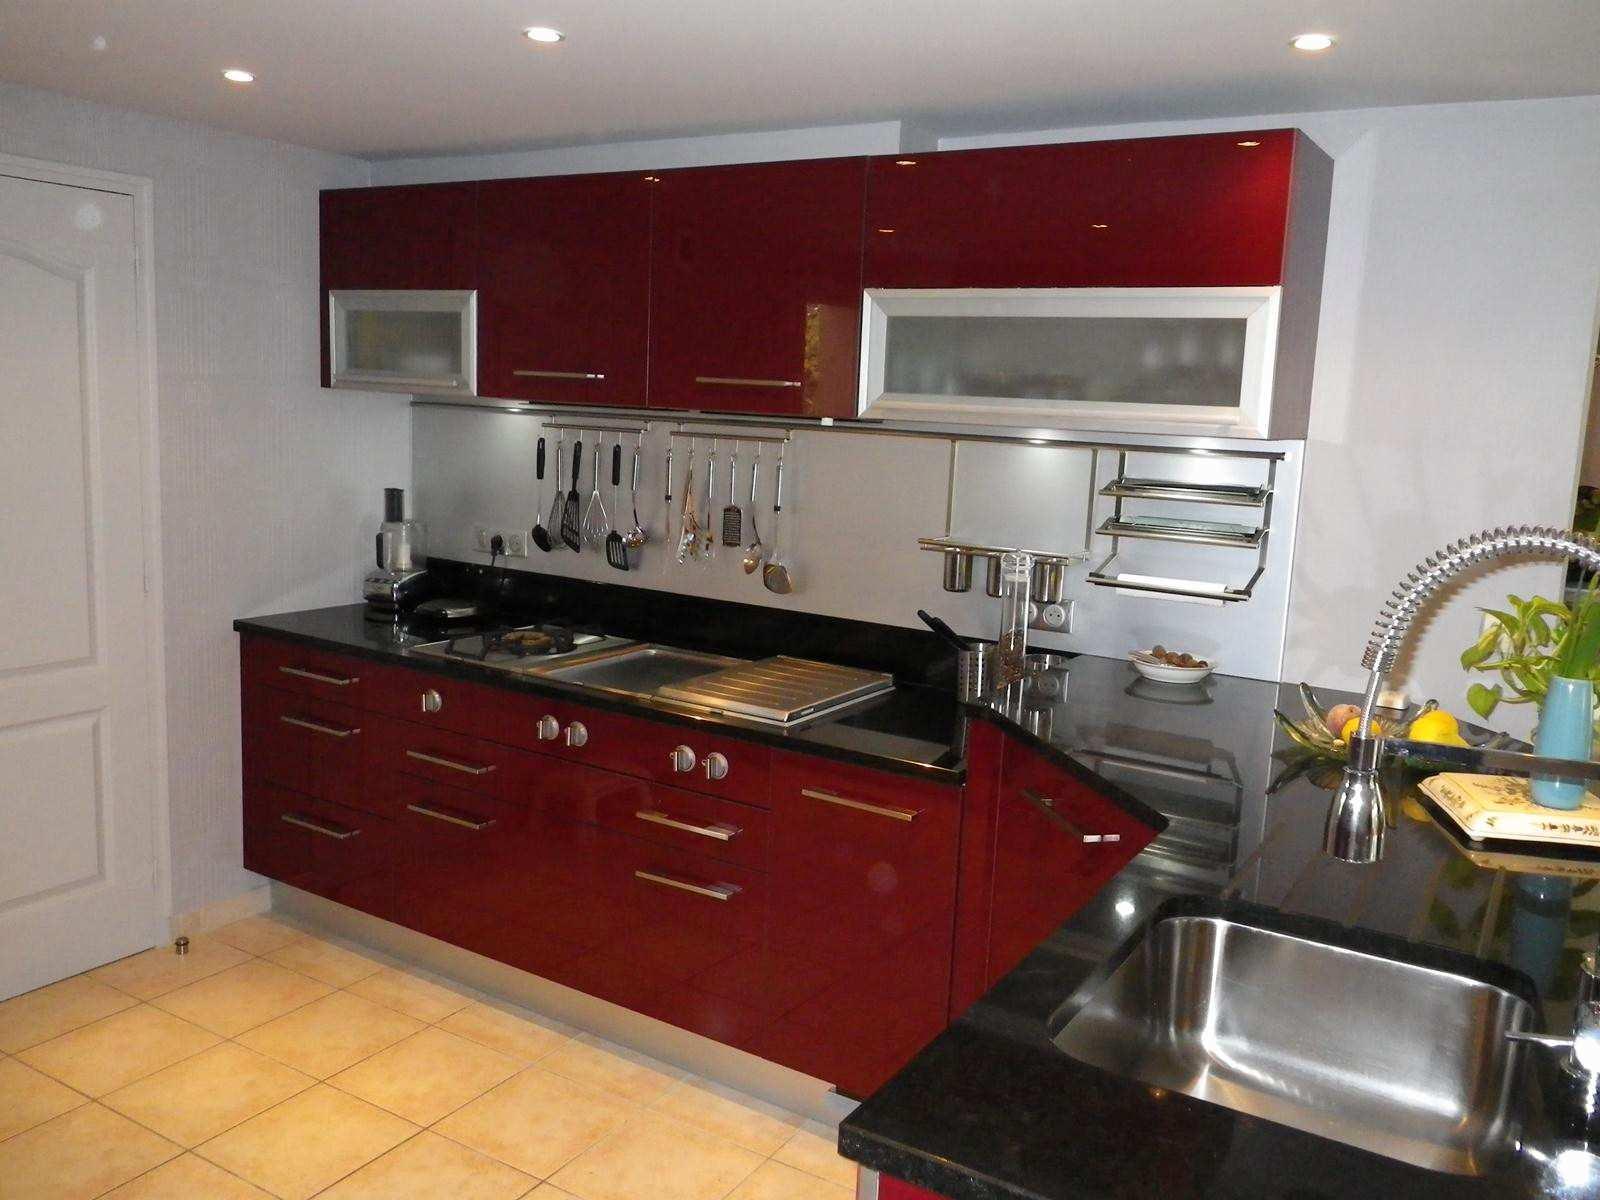 deco cuisine noir et rouge maison et mobilier. Black Bedroom Furniture Sets. Home Design Ideas